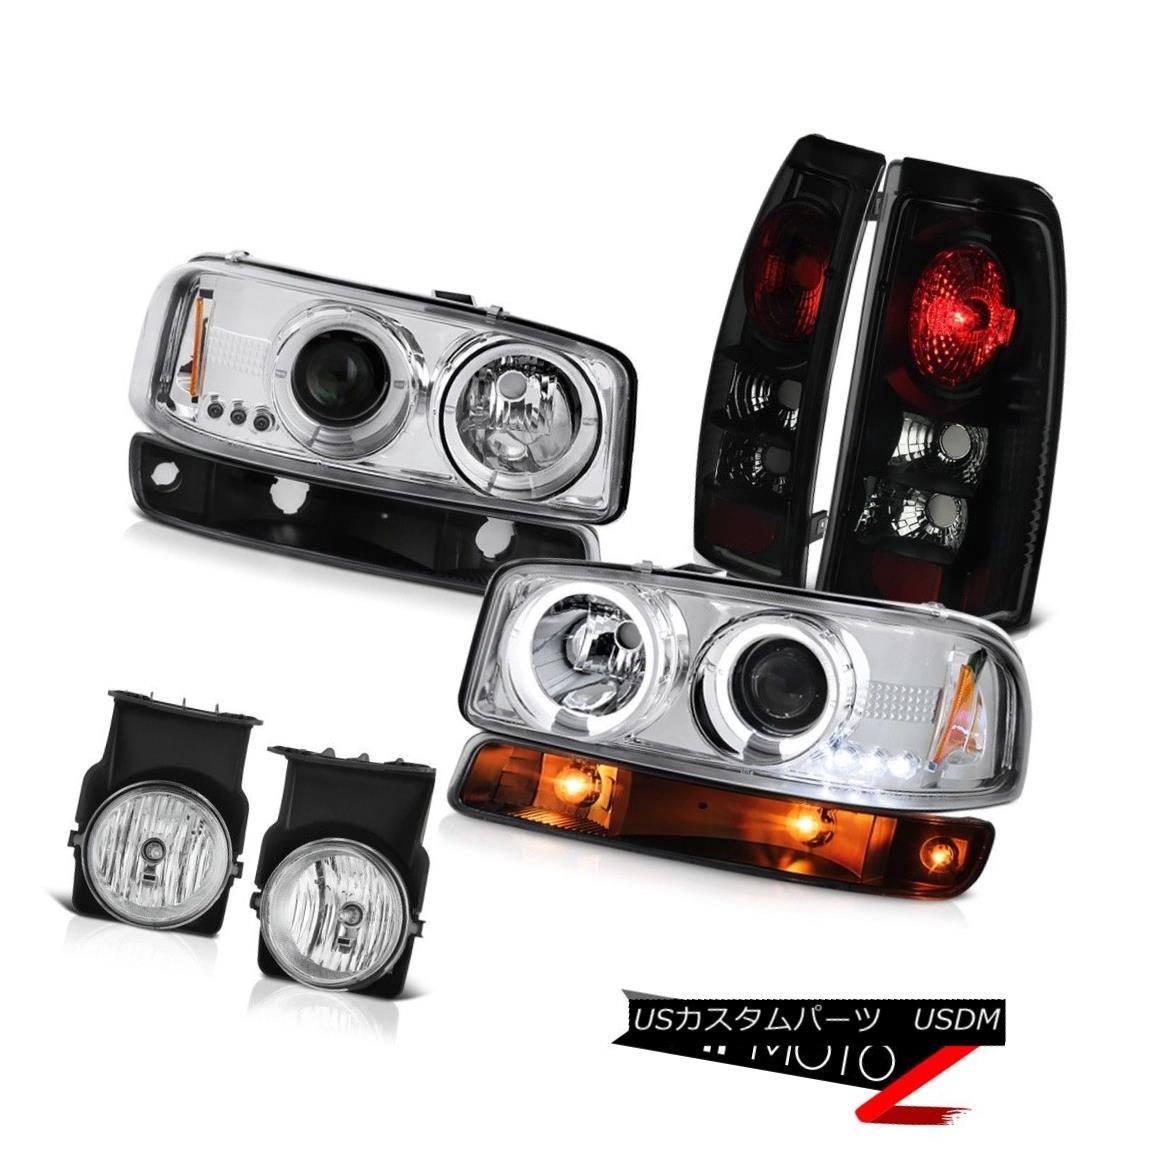 テールライト 2003-2006 GMC Sierra Fog lamps taillights turn signal headlights LED Dual Halo 2003-2006 GMC Sierra Fogランプテールランプ信号ヘッドライトを点灯LED Dual Halo